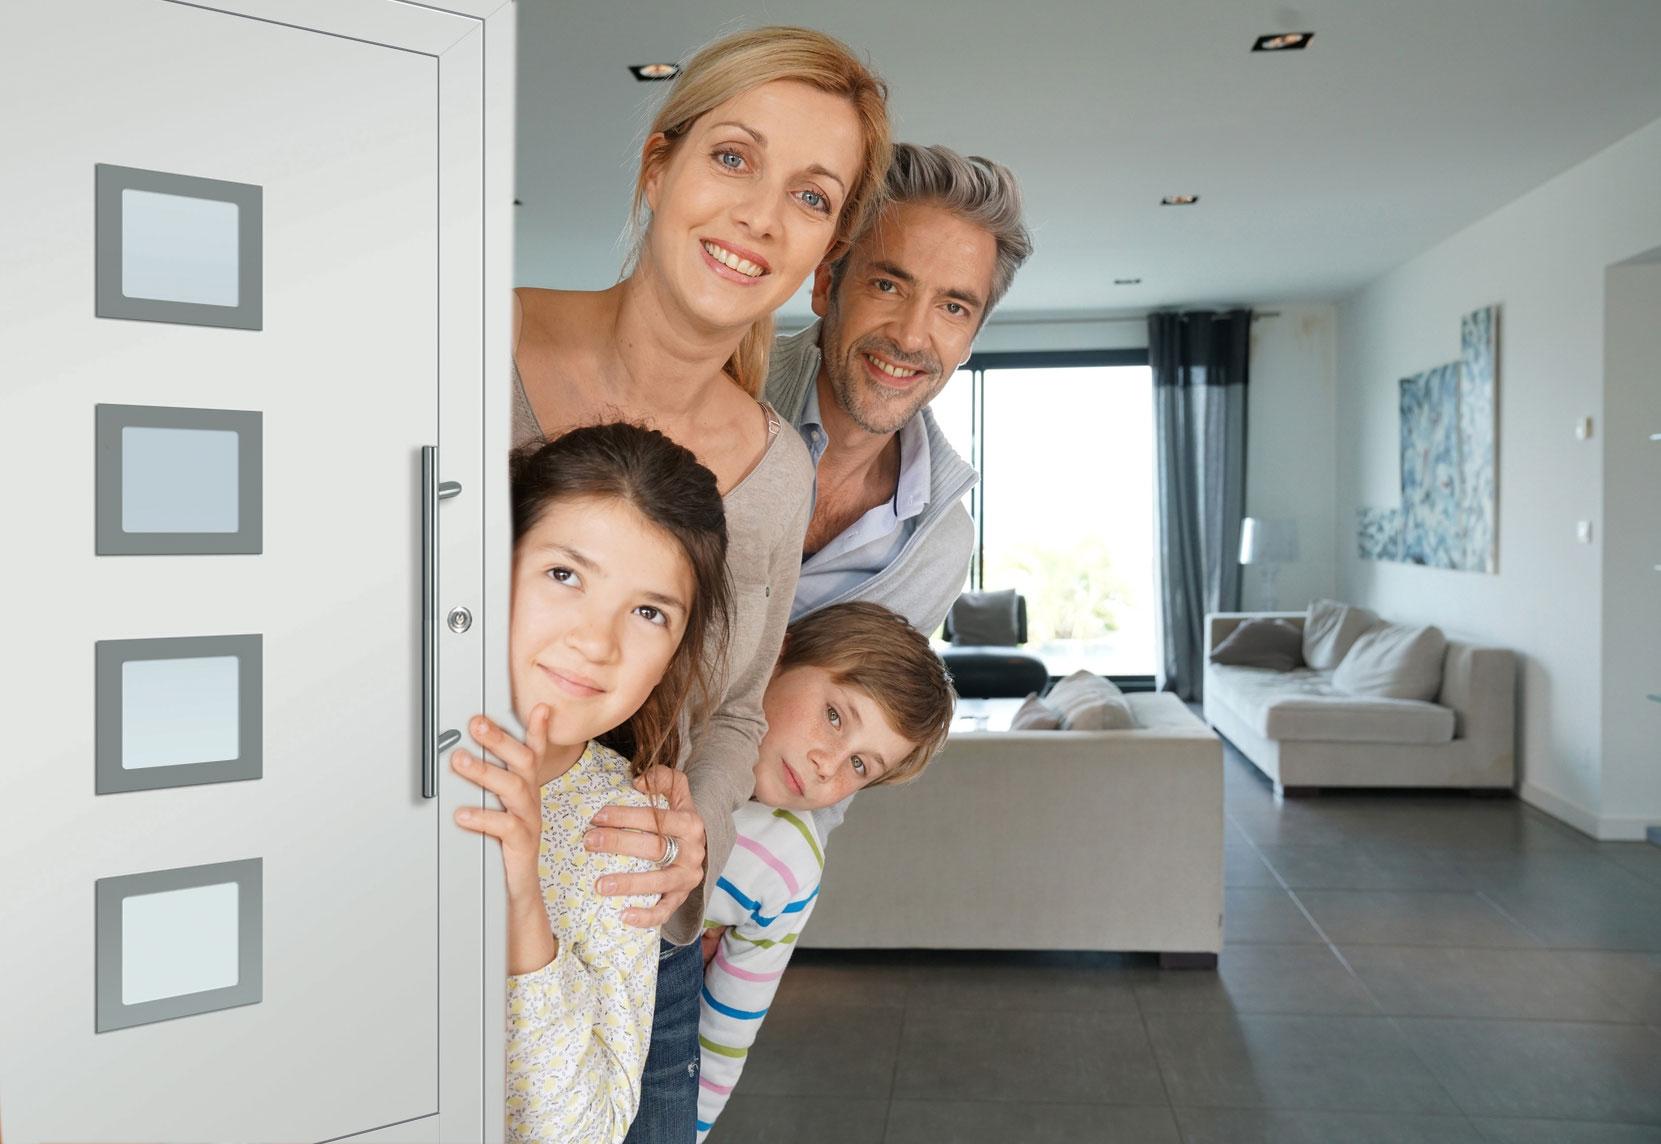 moderne haust ren zu g nstigen preisen i dica fenster t ren. Black Bedroom Furniture Sets. Home Design Ideas